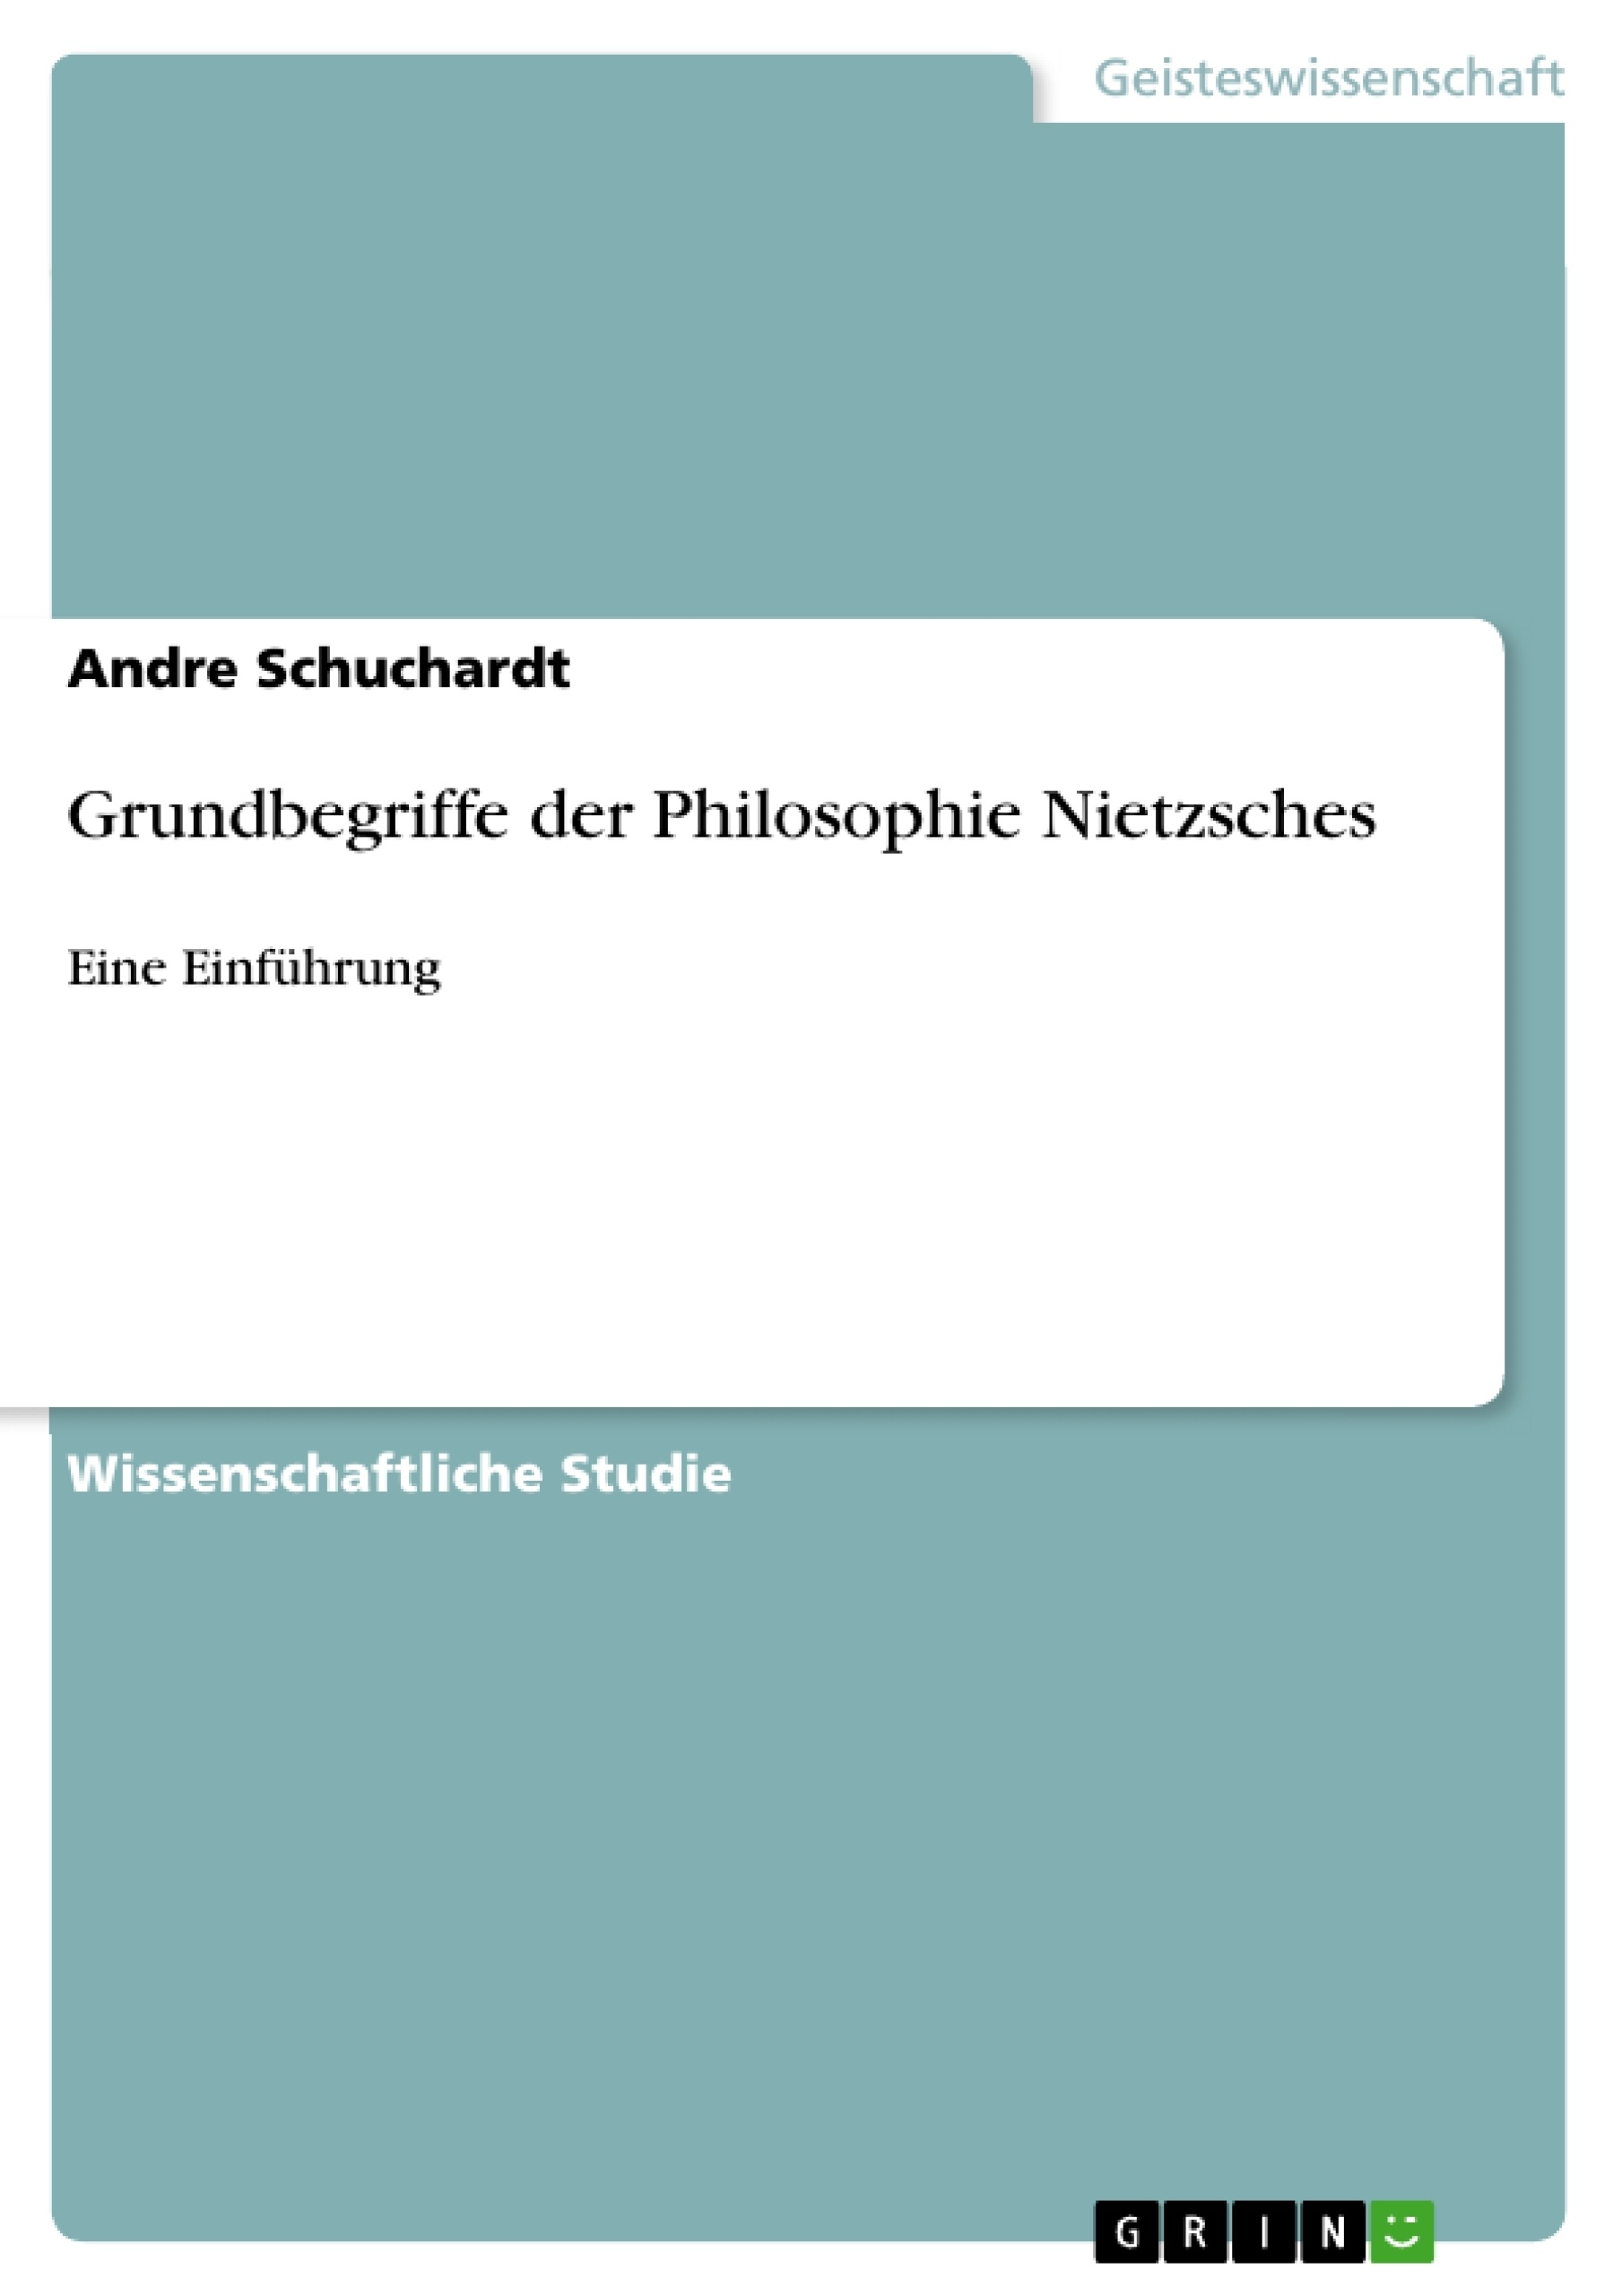 Titel: Grundbegriffe der Philosophie Nietzsches